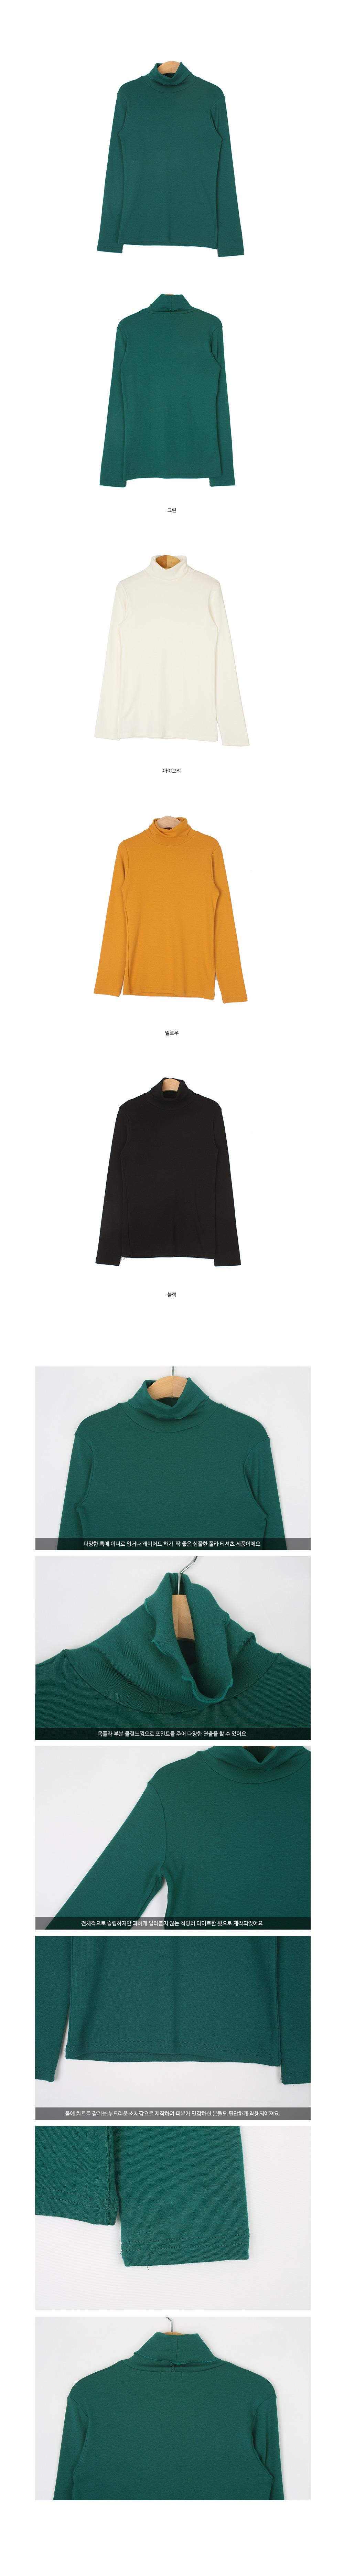 코모 폴라 티셔츠 (4color)18,200원-메스민패션의류, 여성상의, 긴팔티셔츠, 폴라/터틀넥바보사랑코모 폴라 티셔츠 (4color)18,200원-메스민패션의류, 여성상의, 긴팔티셔츠, 폴라/터틀넥바보사랑